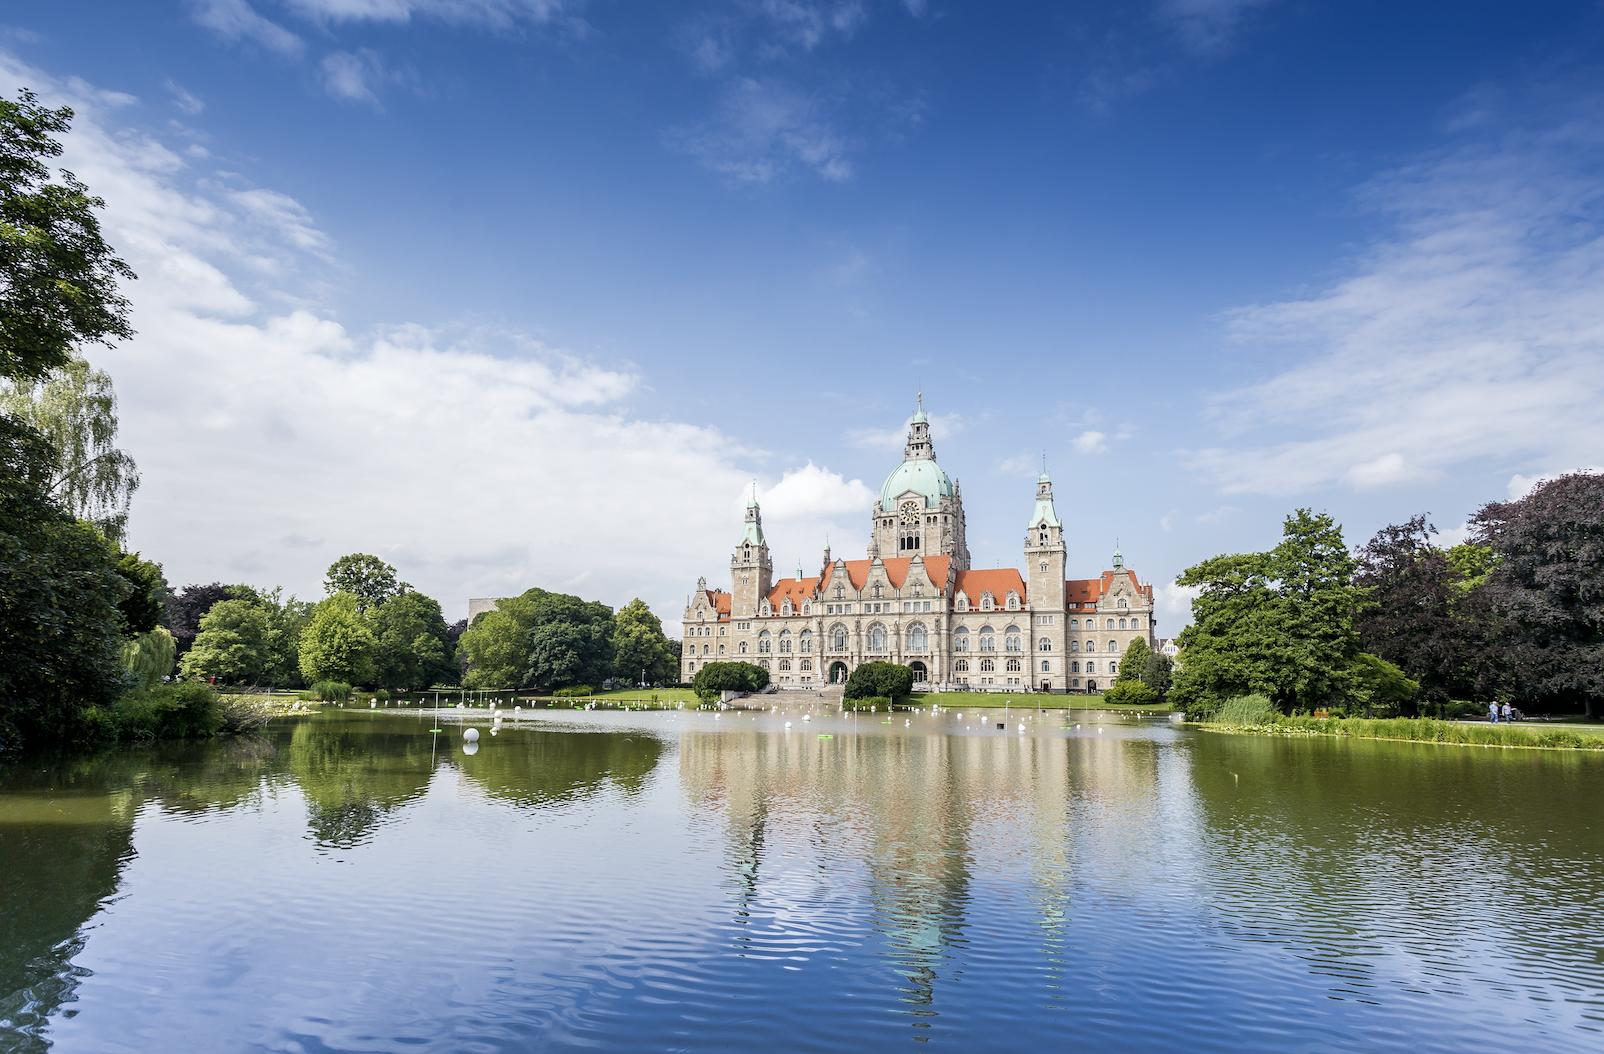 Mehrfamilienhäuser in Hannover verkaufen: Ankaufsprofil von Junicke im Portrait